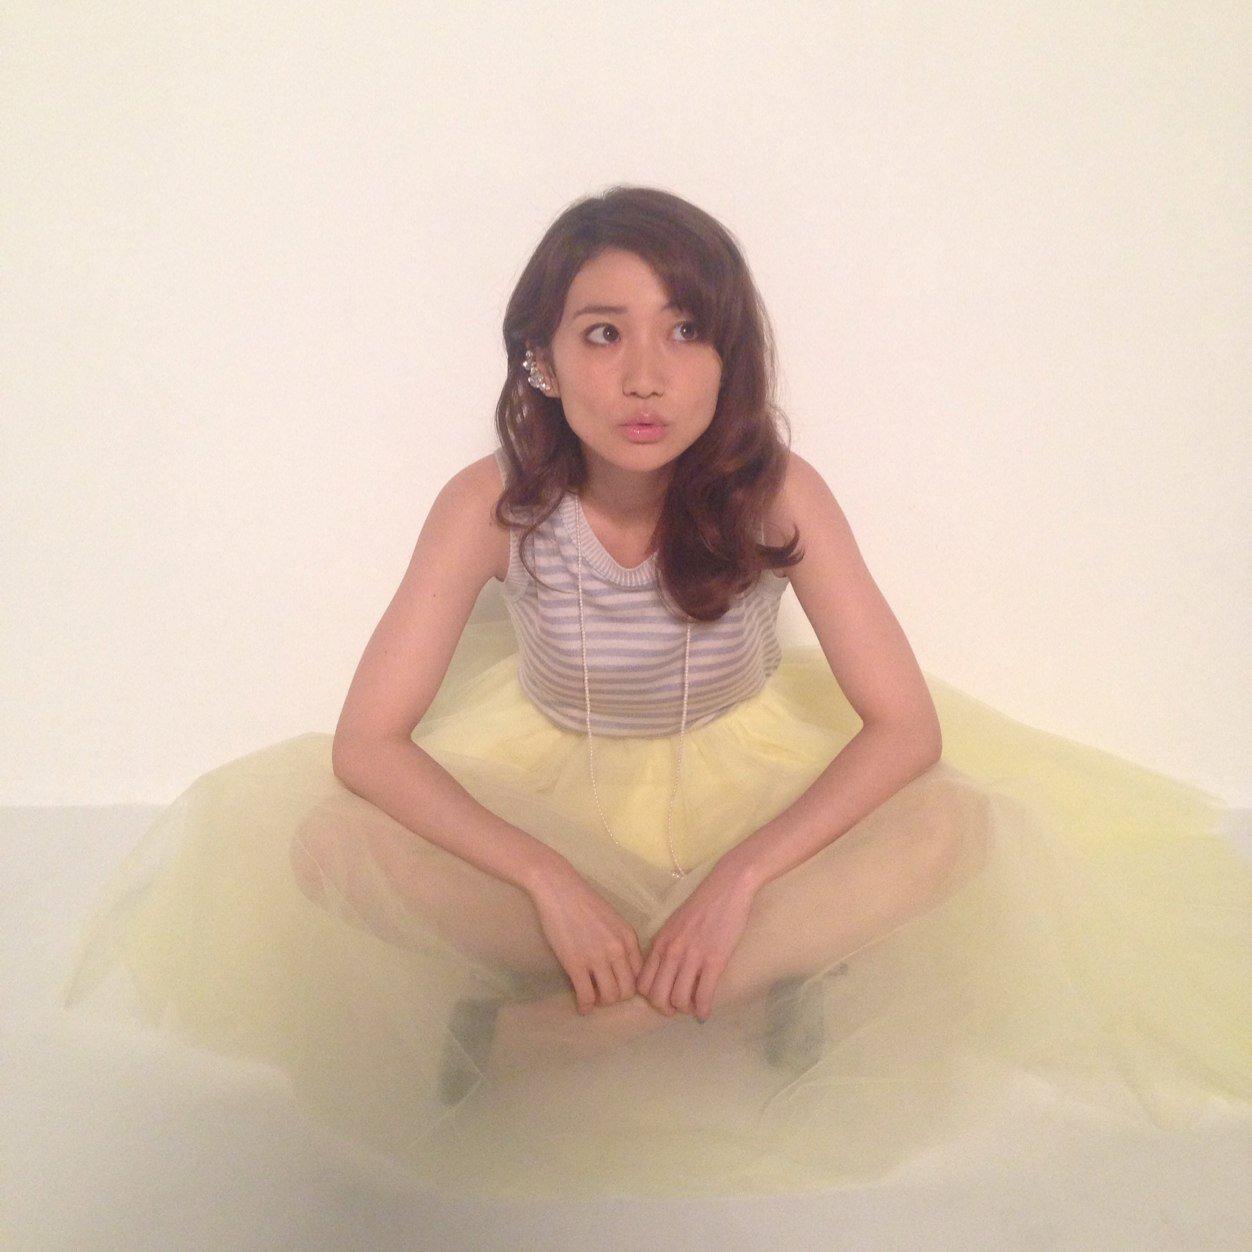 エロカワ♡元AKB48大島優子の魅力的な胸を大公開!【画像あり】のサムネイル画像